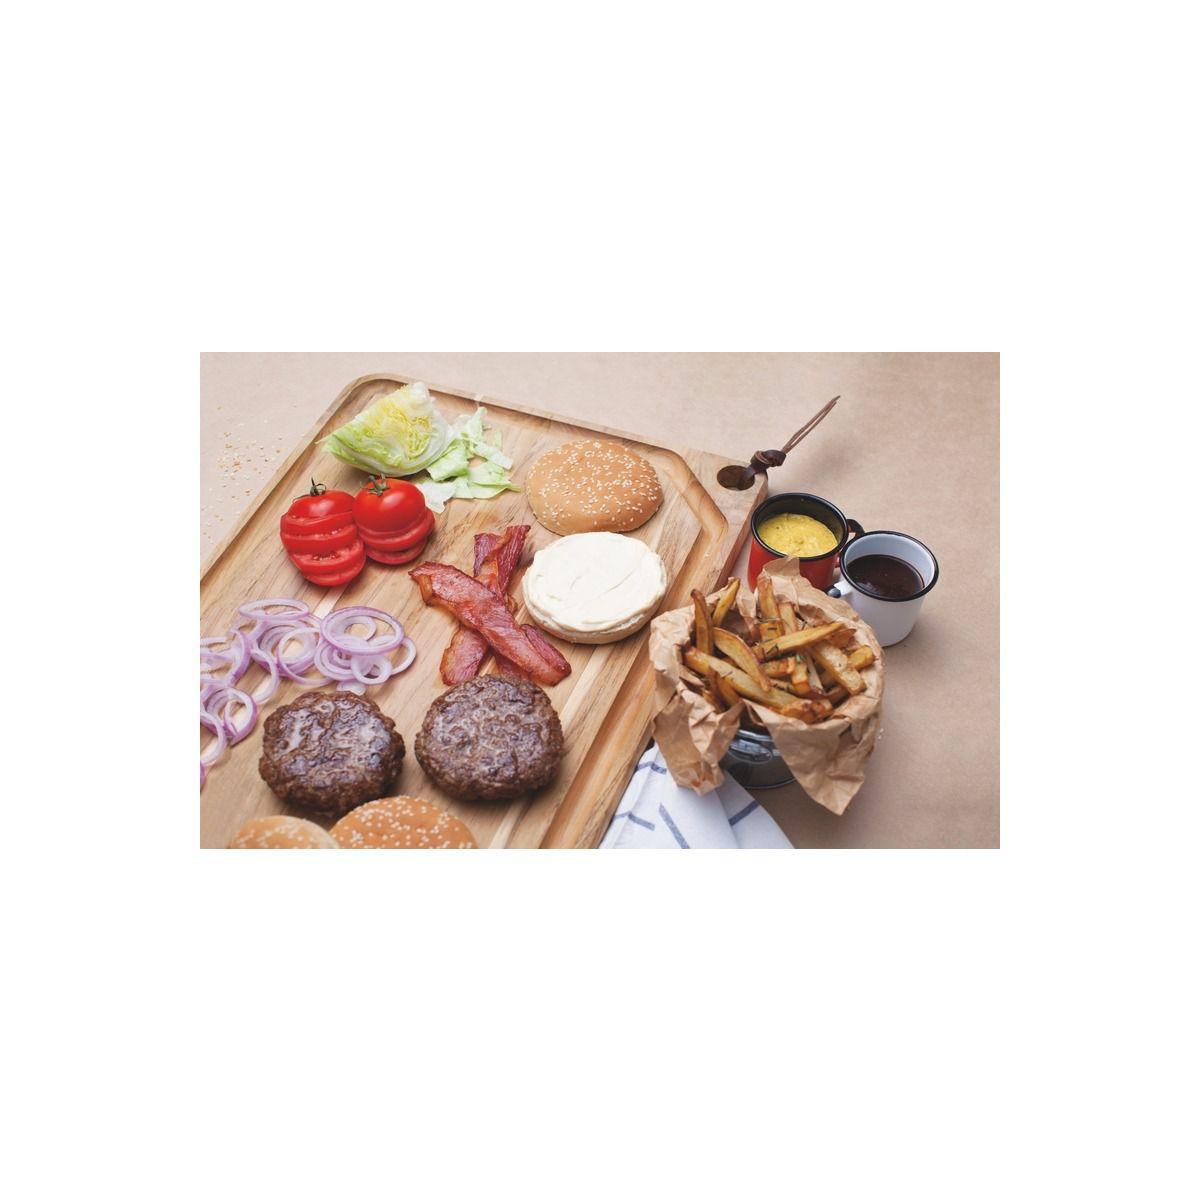 Tábua Para Churrasco em Madeira Teca Com Tira em Couro Tramontina 60 x 36 cm 13215/052